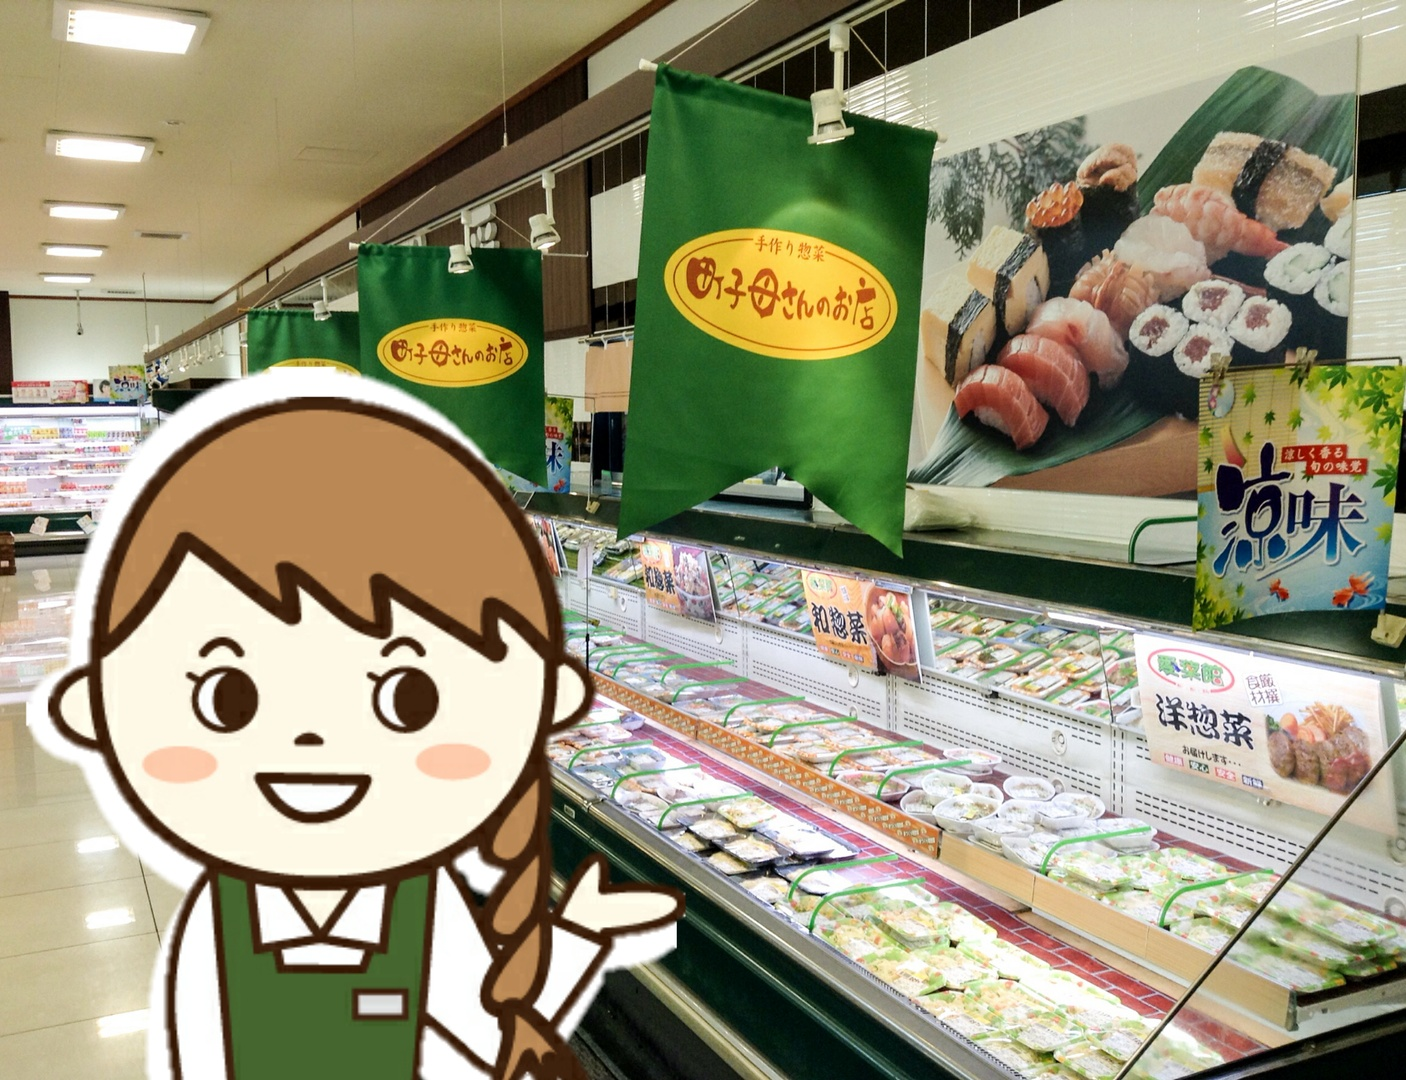 町子母さんのお店 スーパーフレック店